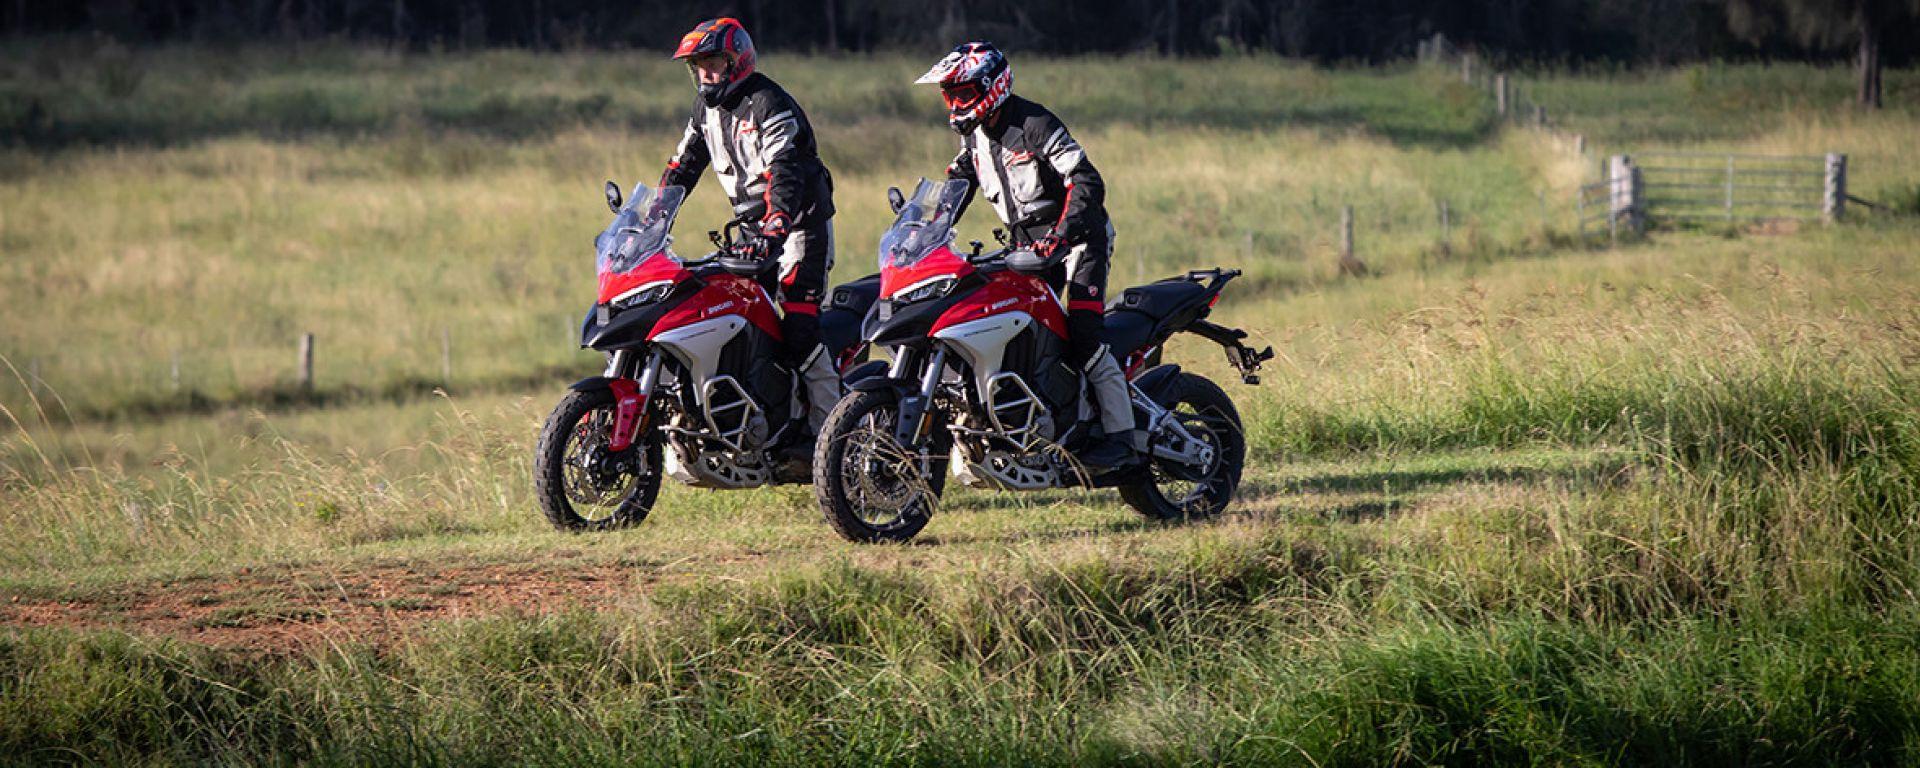 DRE Adventure 2021: il corso di guida fuoristrada Ducati